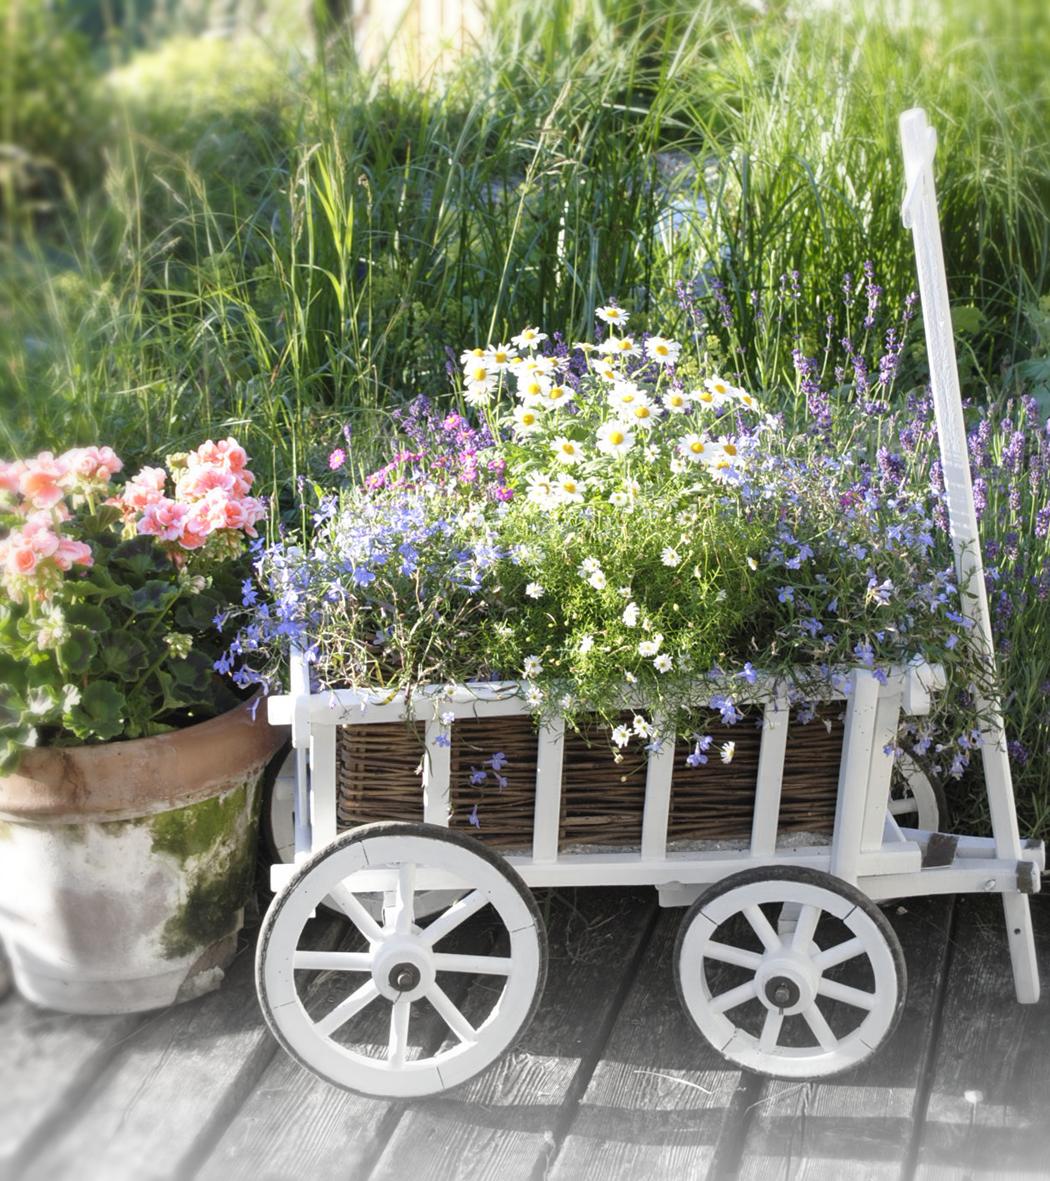 Vintage Garten vintage garten bollerwagen mit blumen bepflanzen gardens garden